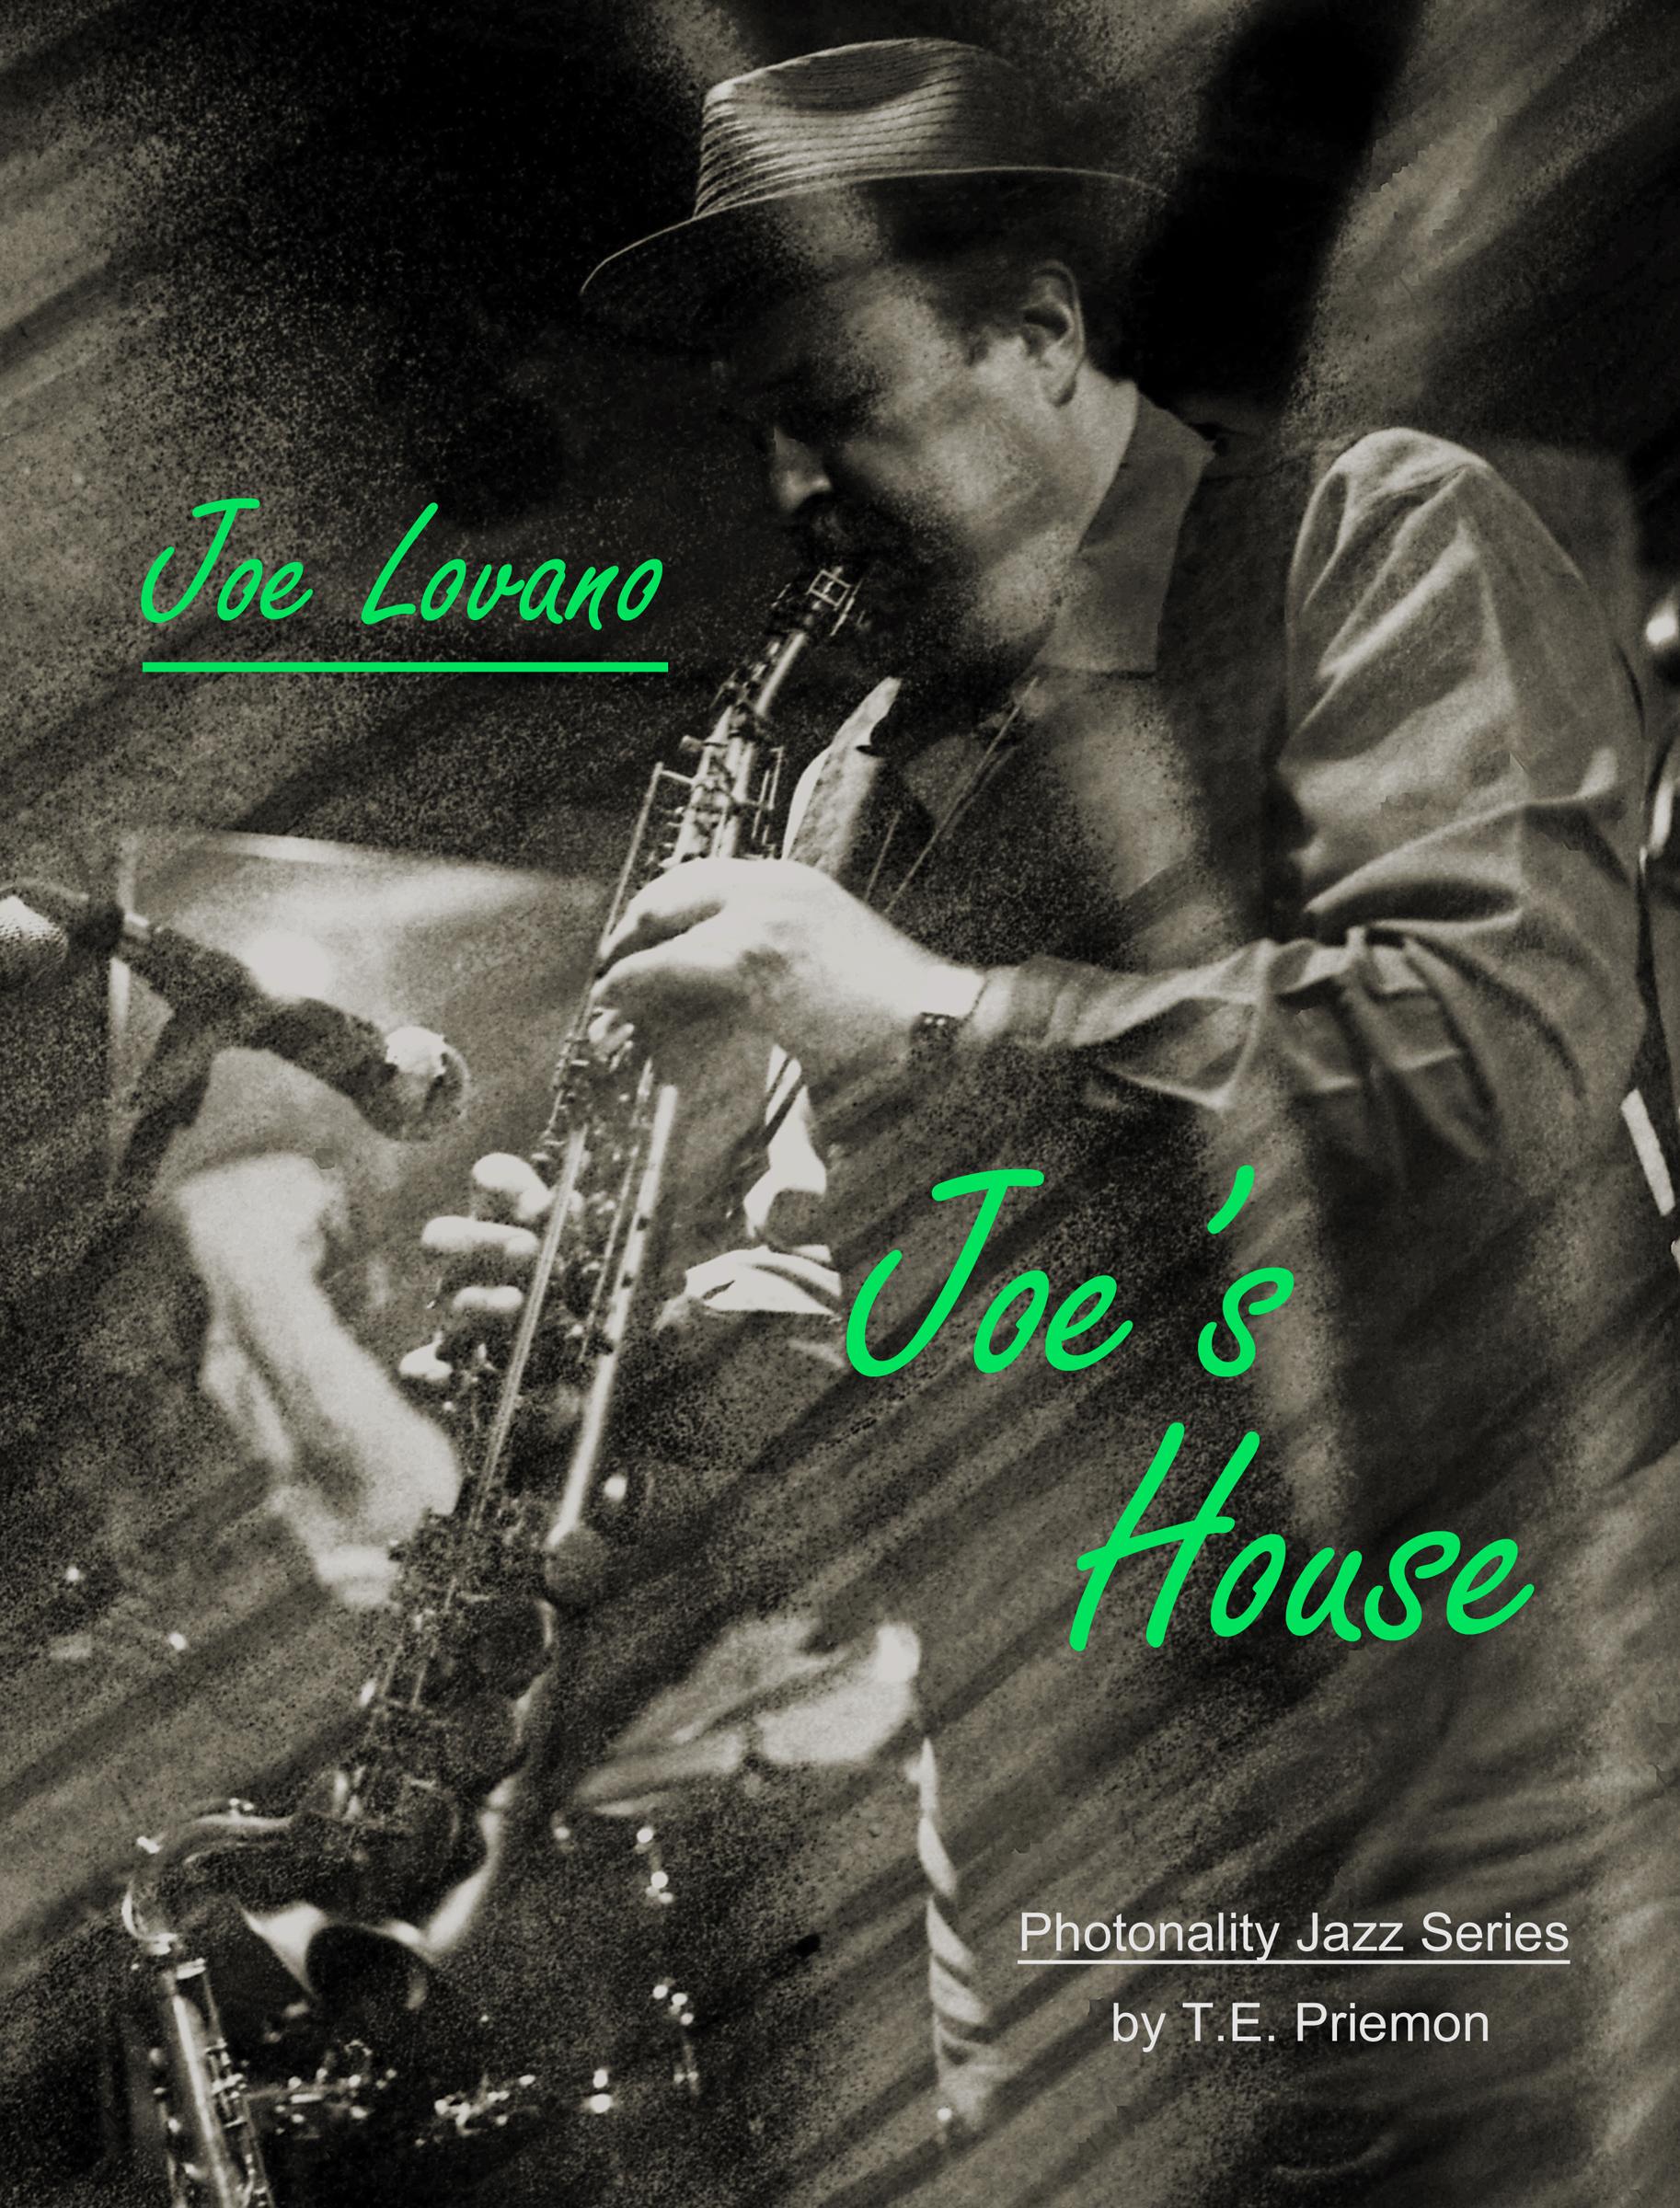 Joe's House with Joe Lovano